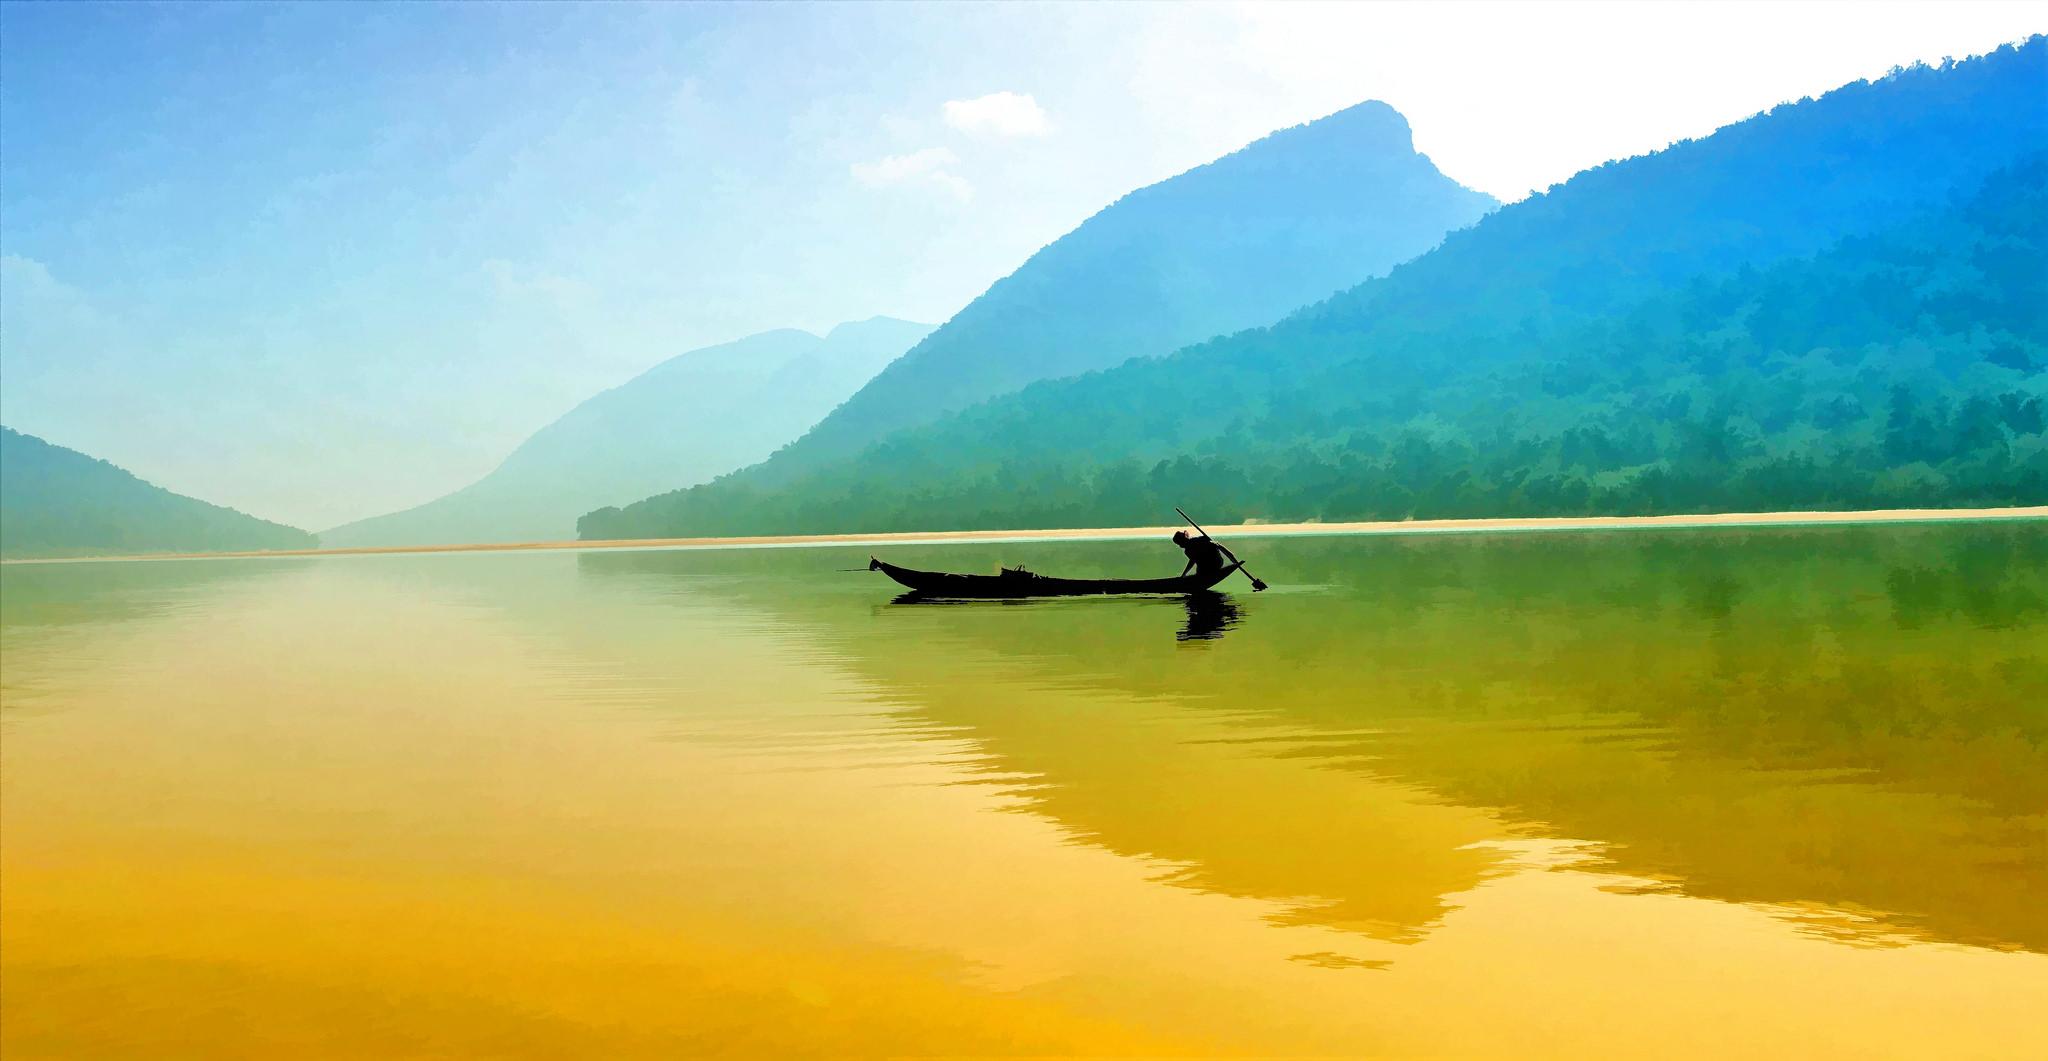 Pesca en un rio - 2048x1061